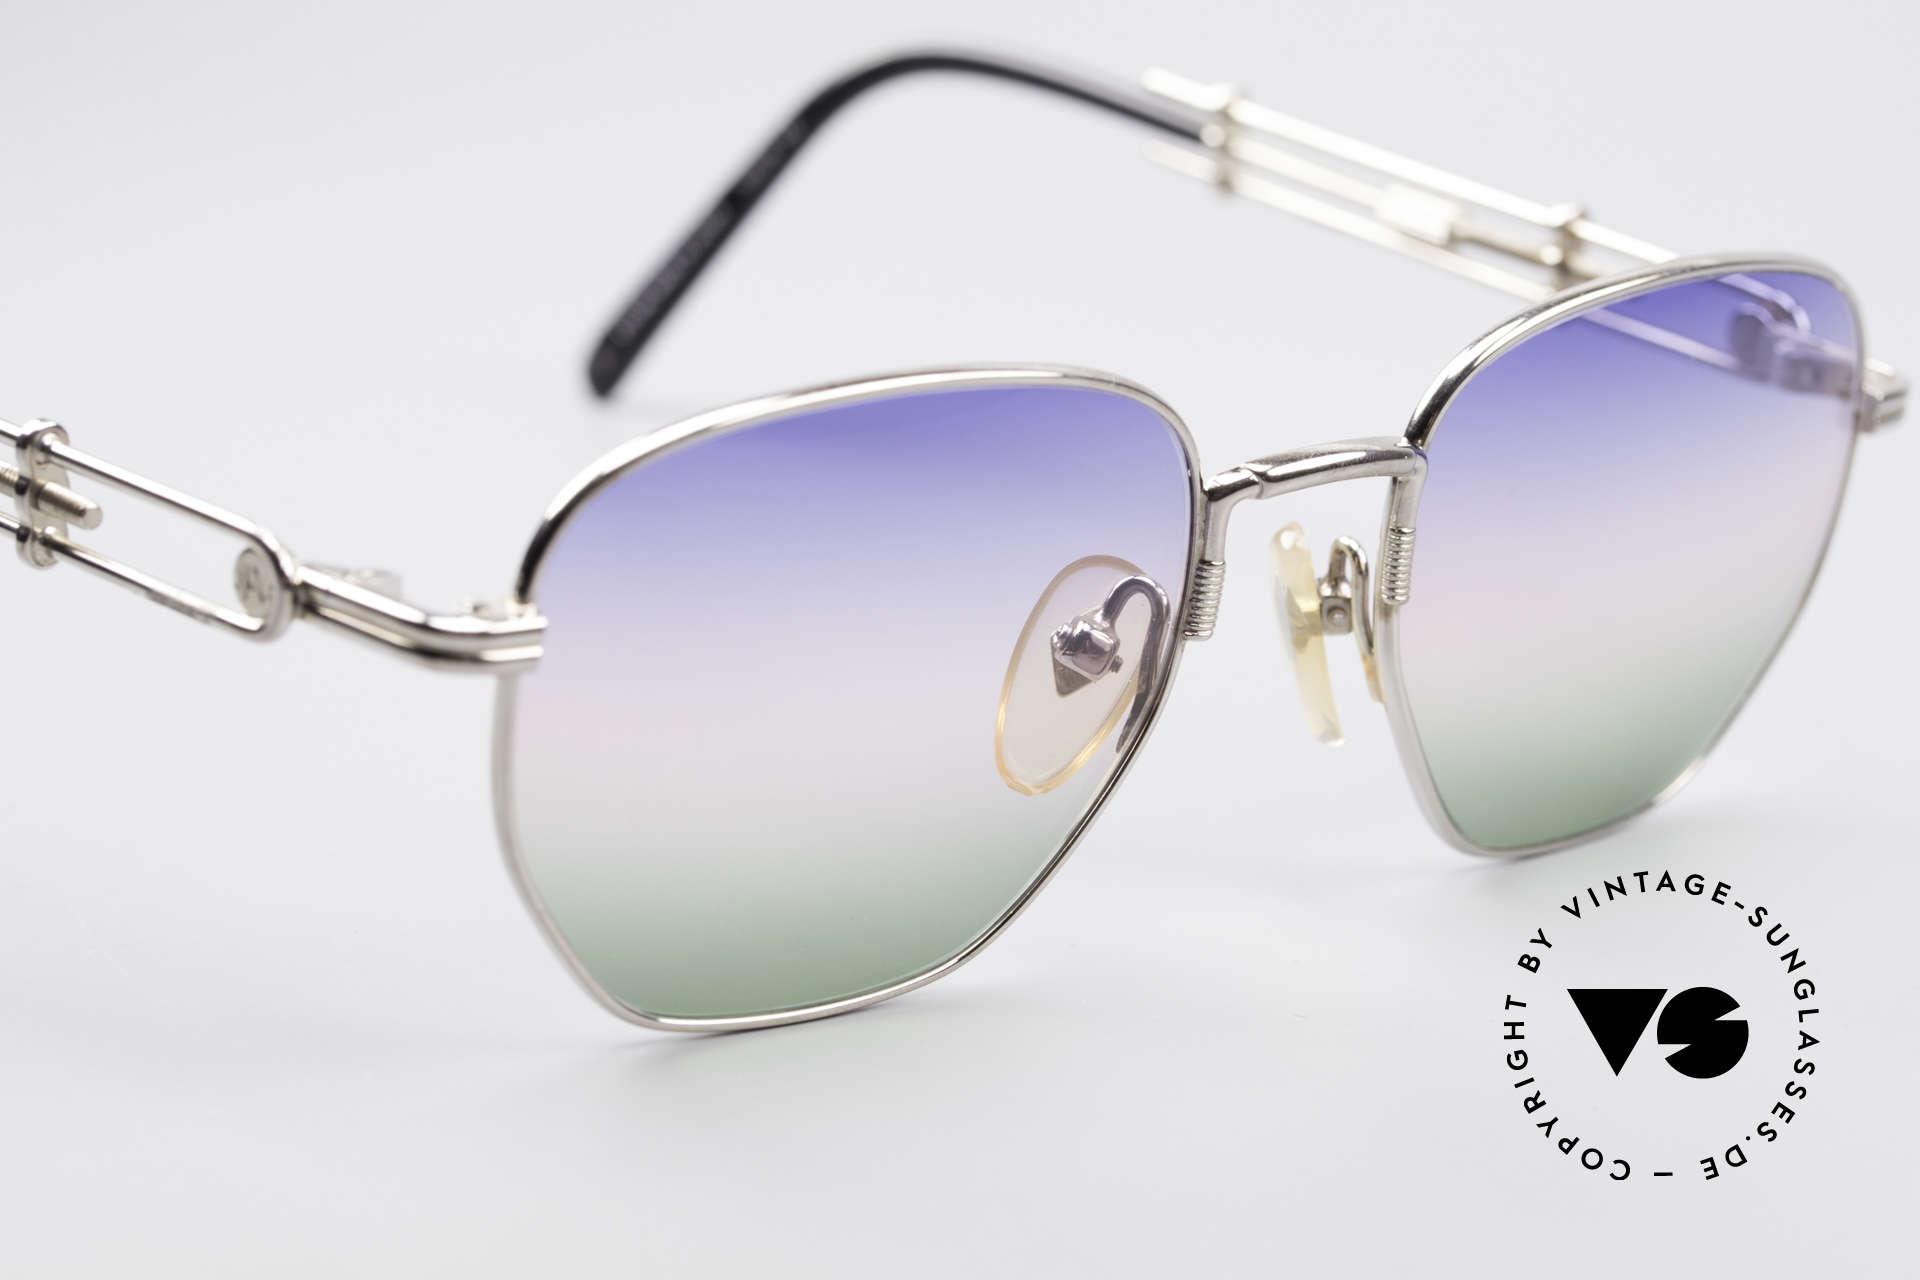 Jean Paul Gaultier 55-4174 Einstellbare Vintage Brille, ungetragen und inzwischen ein kostbares Sammlerstück, Passend für Herren und Damen